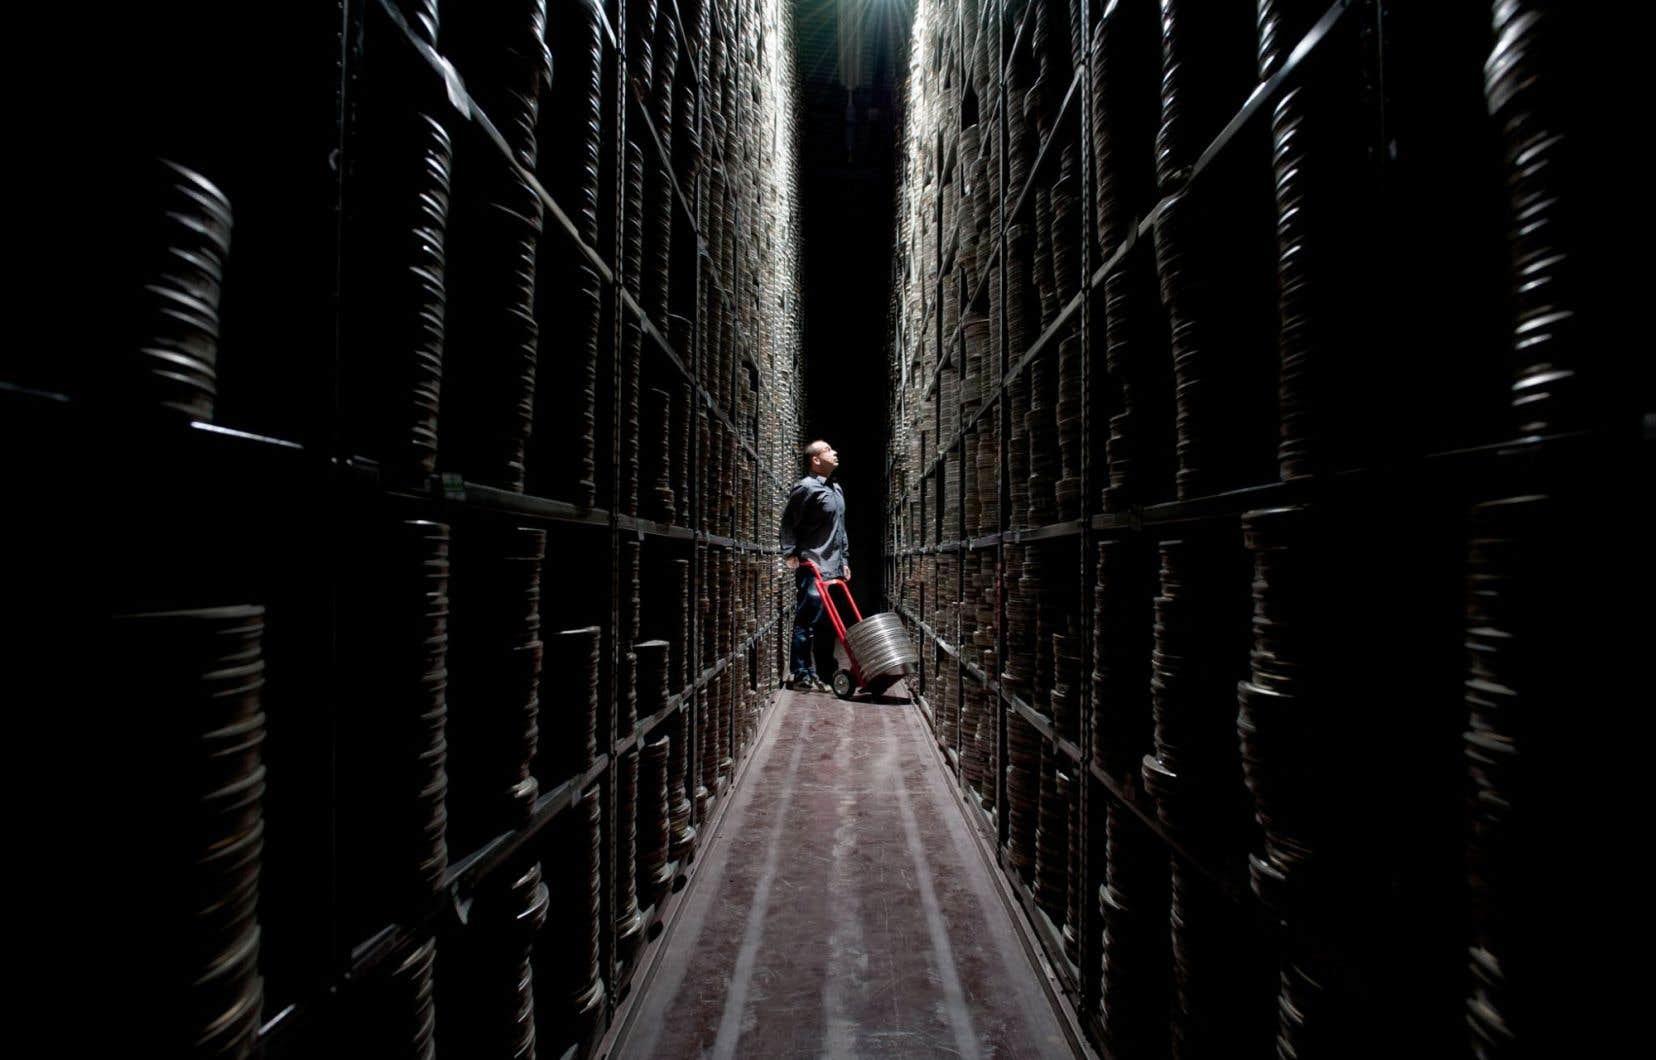 Le directeur de la production du British Film Institute, Scott Starck, dans les archives du BFI. L'institut est considéré comme un empire parmi les empires avec son imposante collection d'environ 60 000 œuvres de fiction et de 750 000 émissions de télévision.